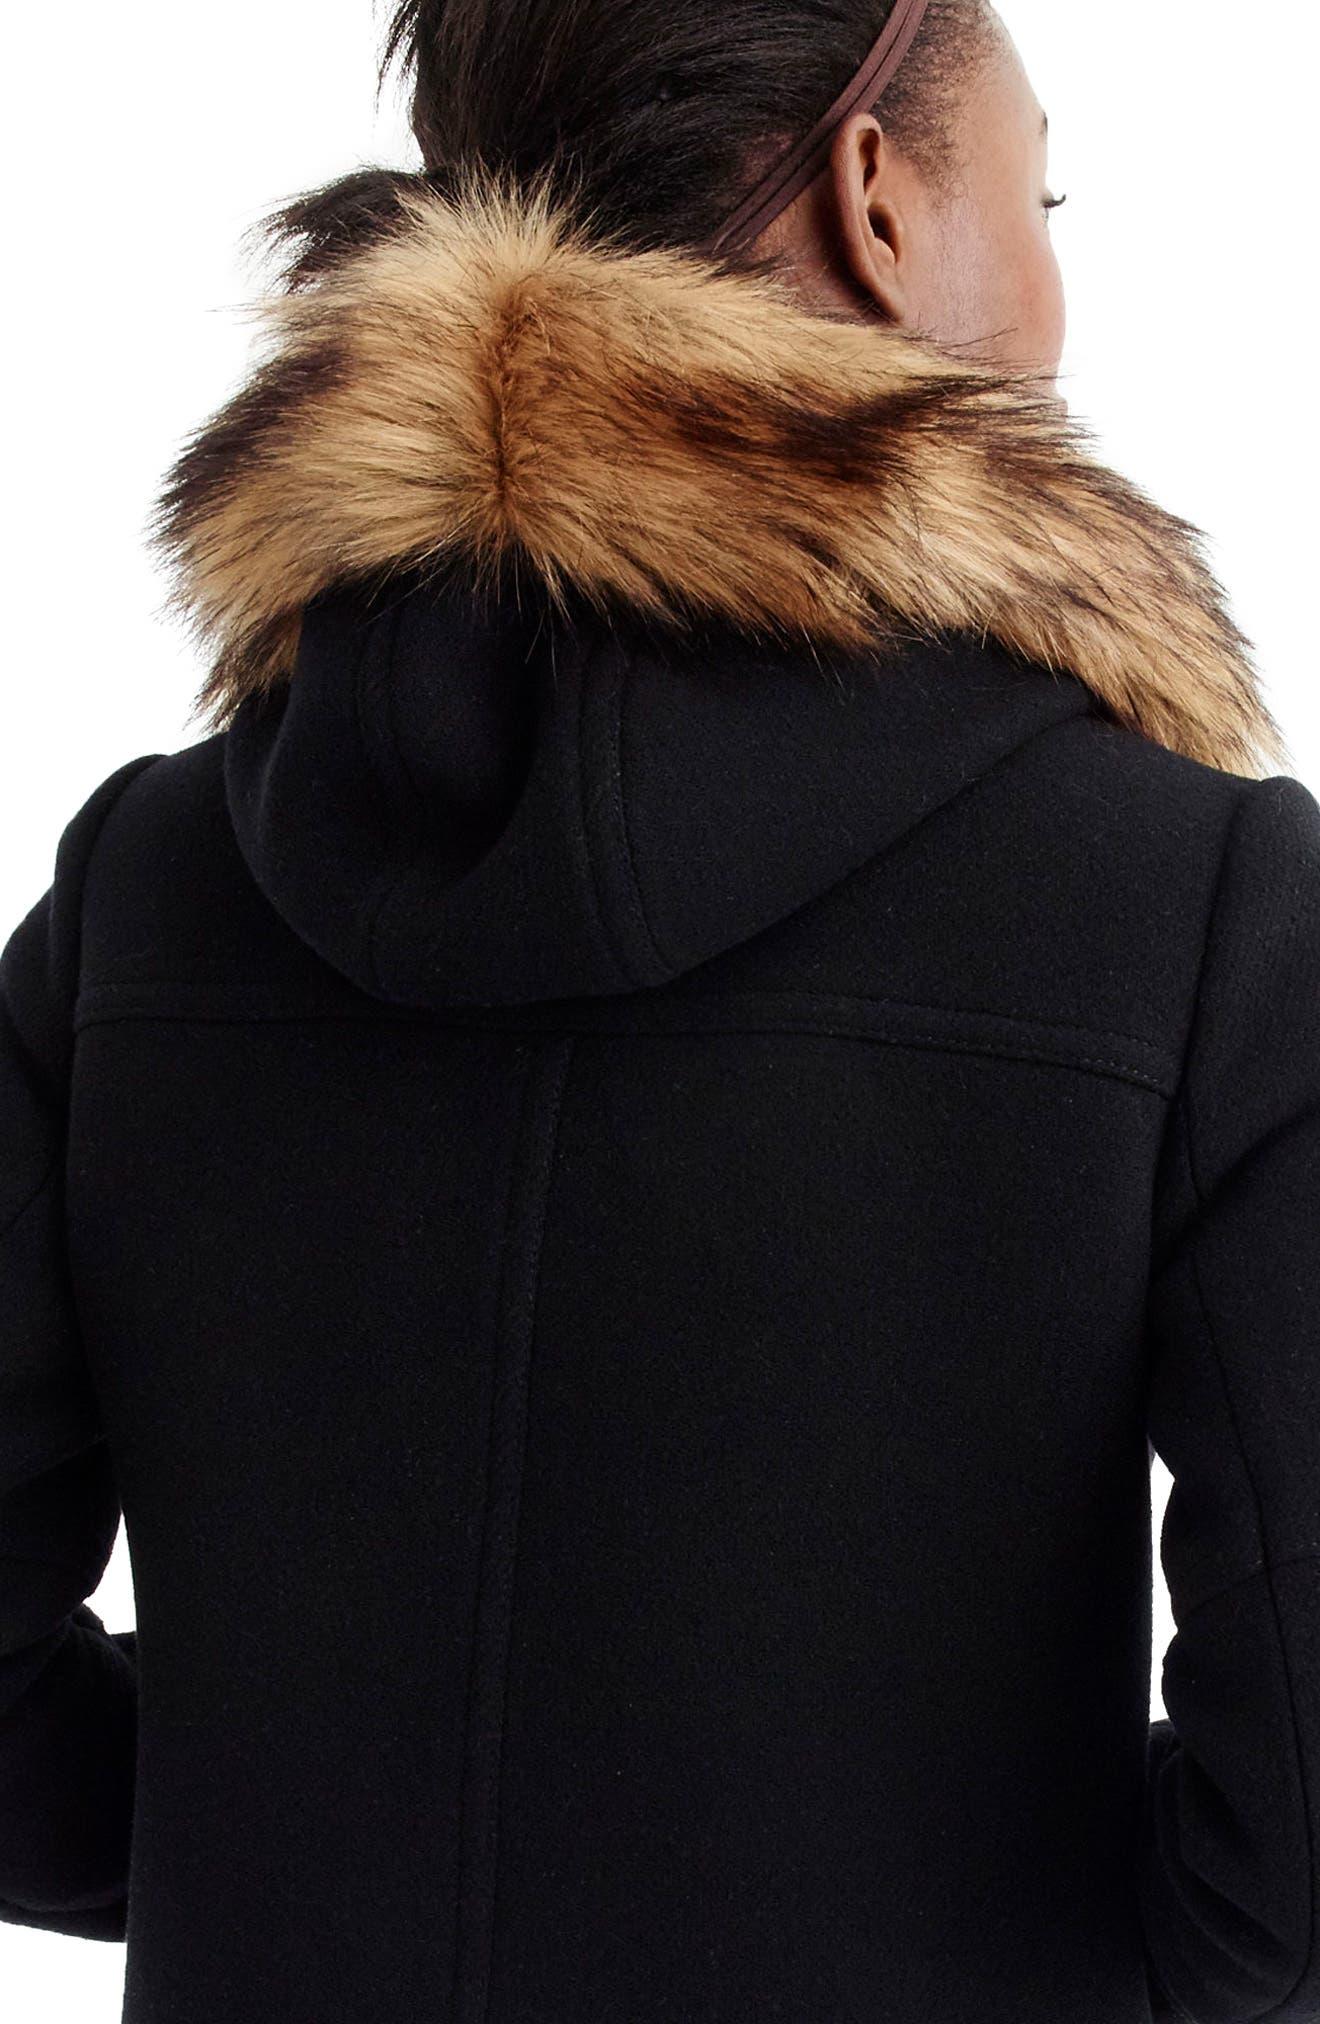 Chateau Stadium Cloth Parka with Faux Fur Trim,                             Alternate thumbnail 10, color,